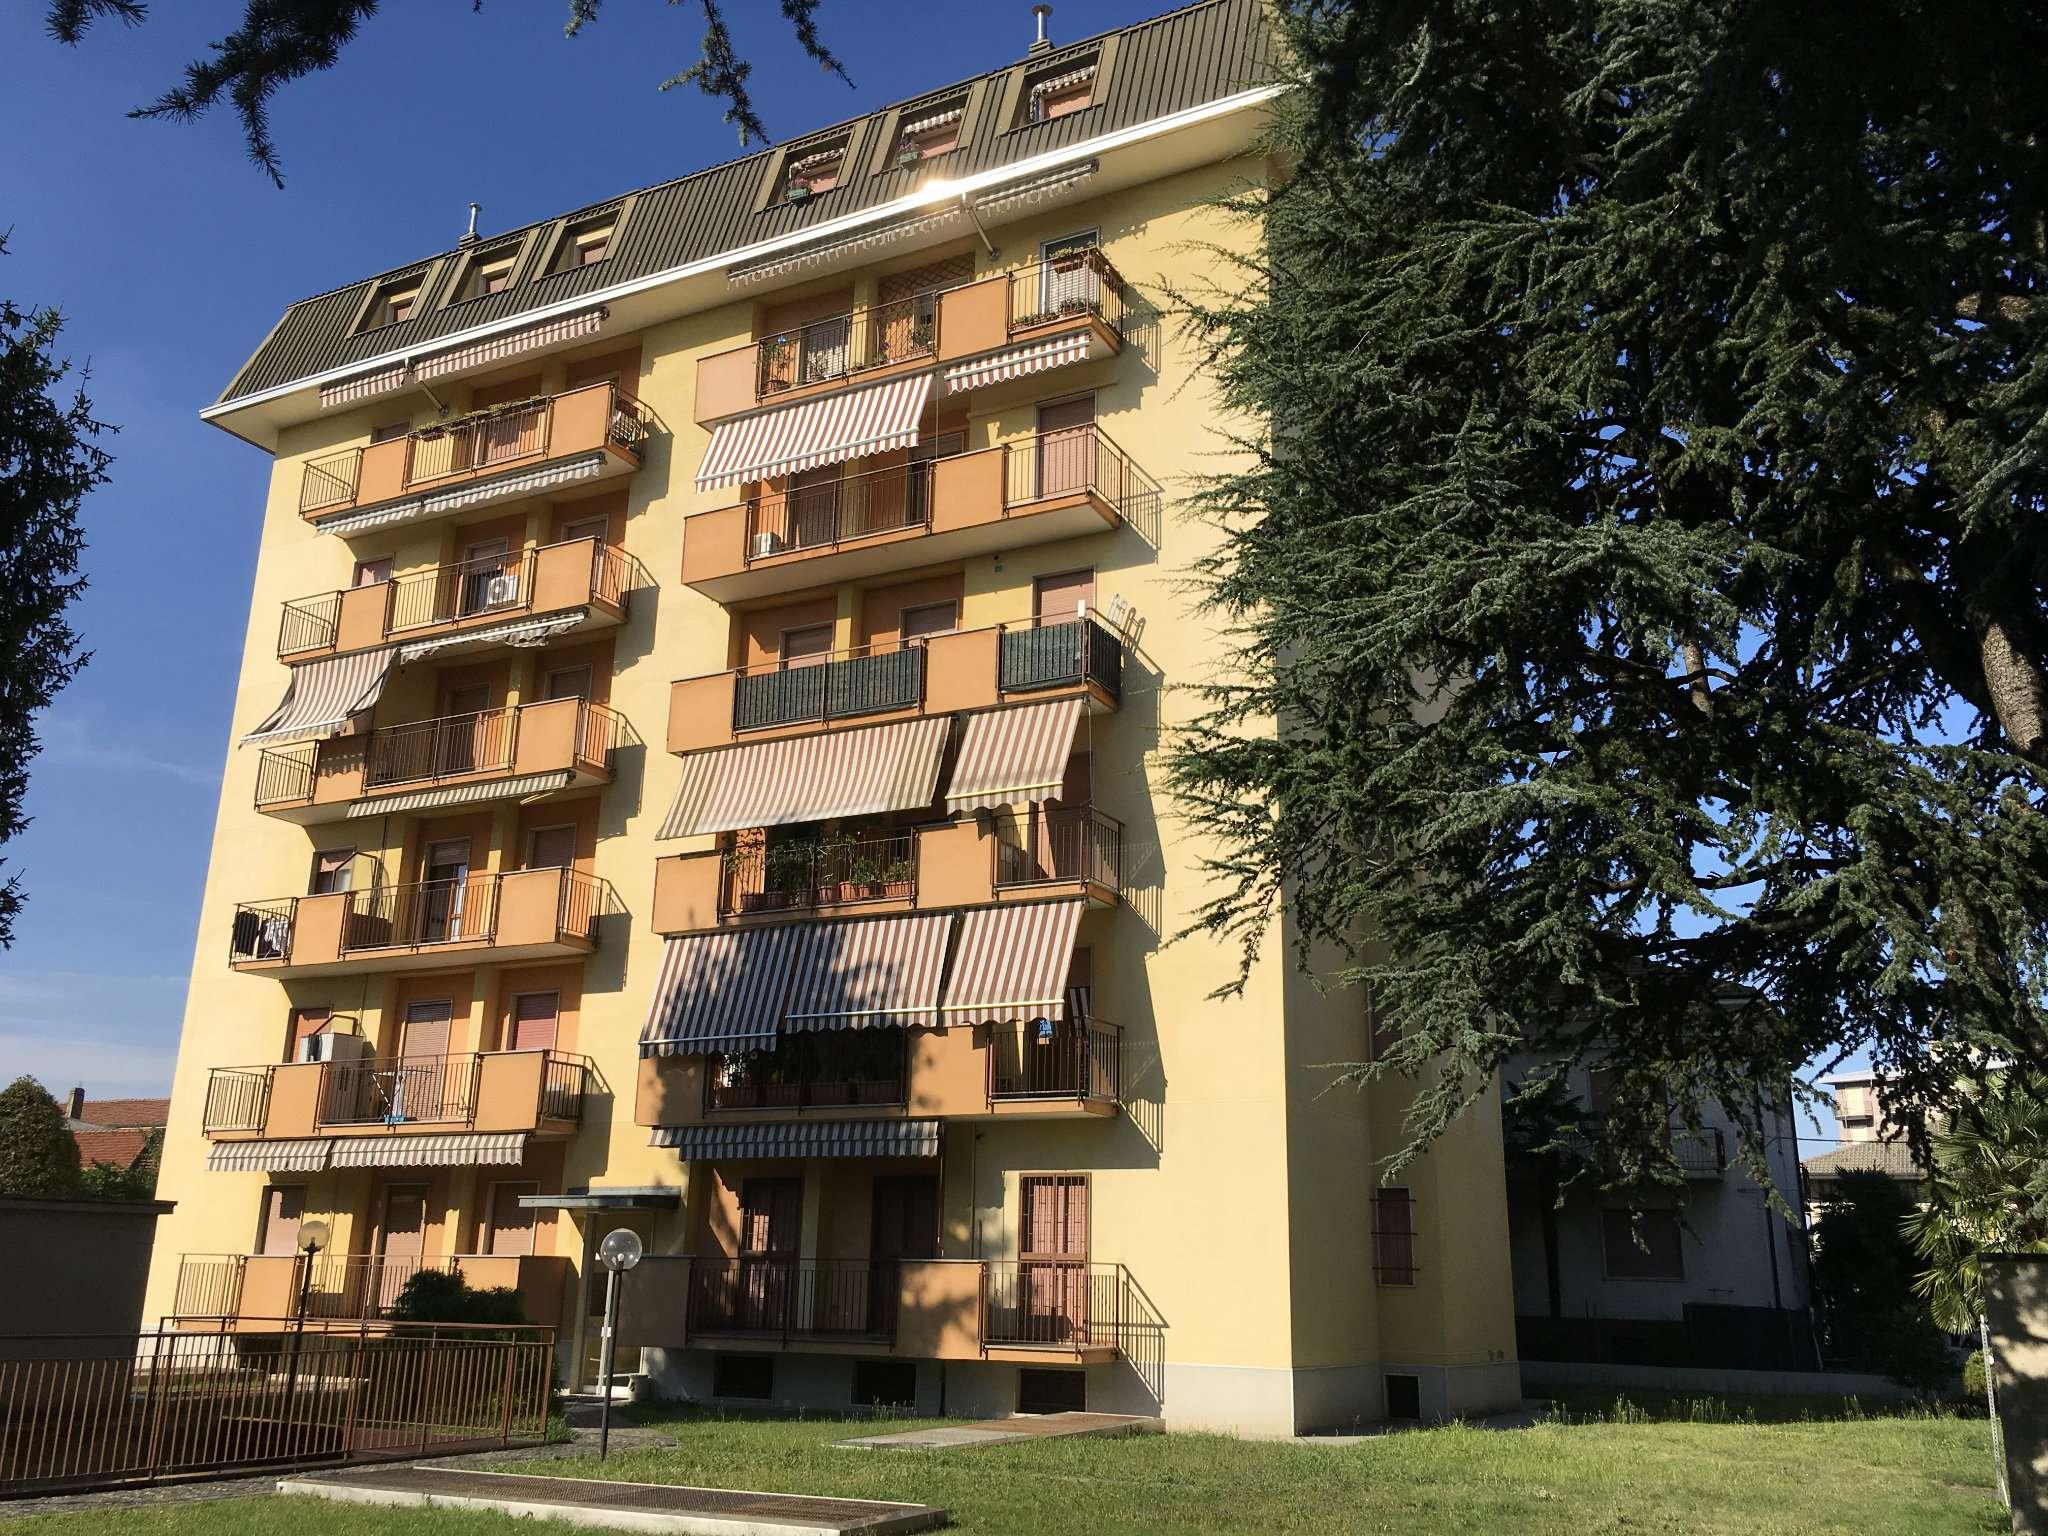 Appartamento in affitto a Busto Arsizio, 2 locali, prezzo € 450 | PortaleAgenzieImmobiliari.it